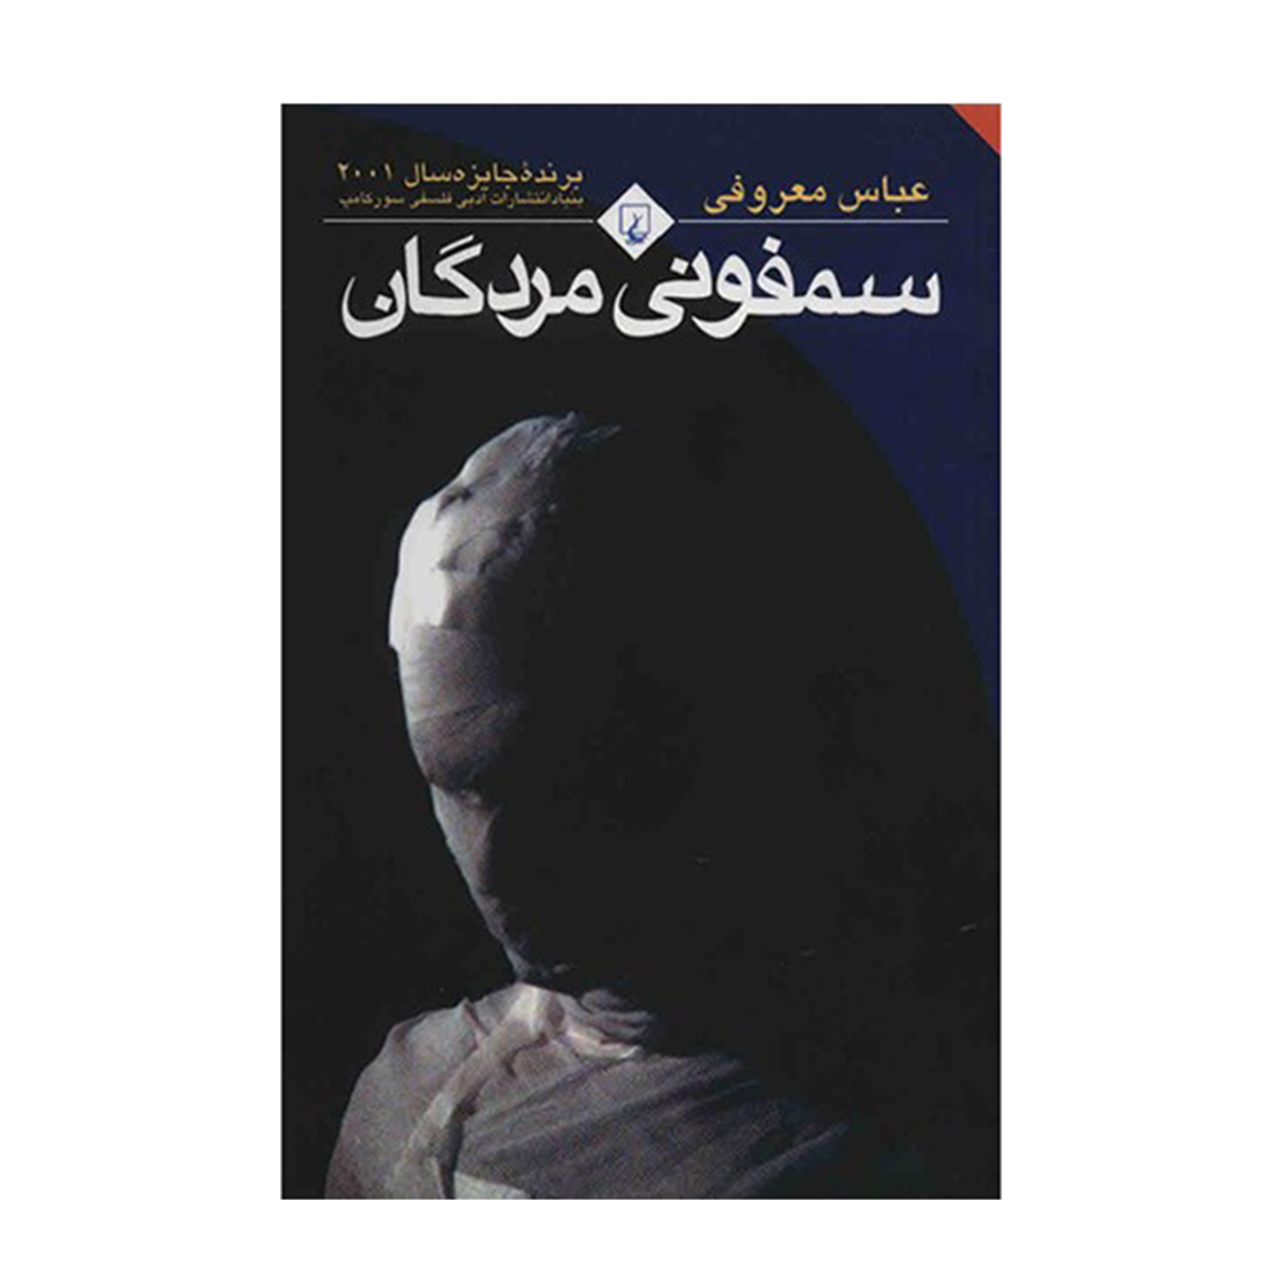 کتاب سمفونی مردگان اثر عباس معروفی